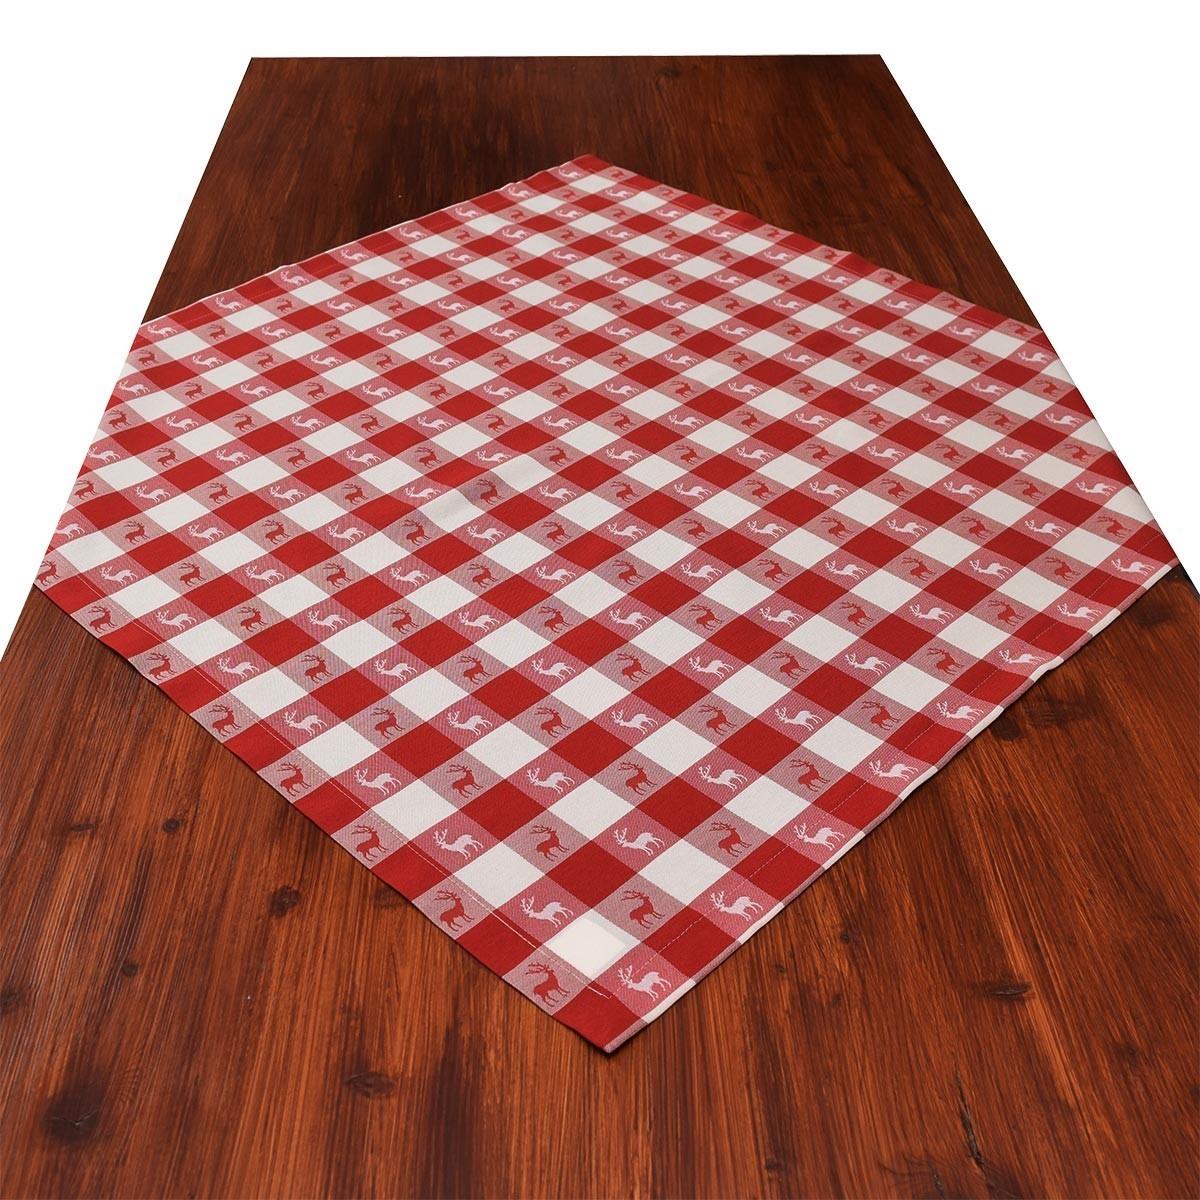 mitteldecke landhaus tischdecke karo in rot 82 x 82 cm rot. Black Bedroom Furniture Sets. Home Design Ideas